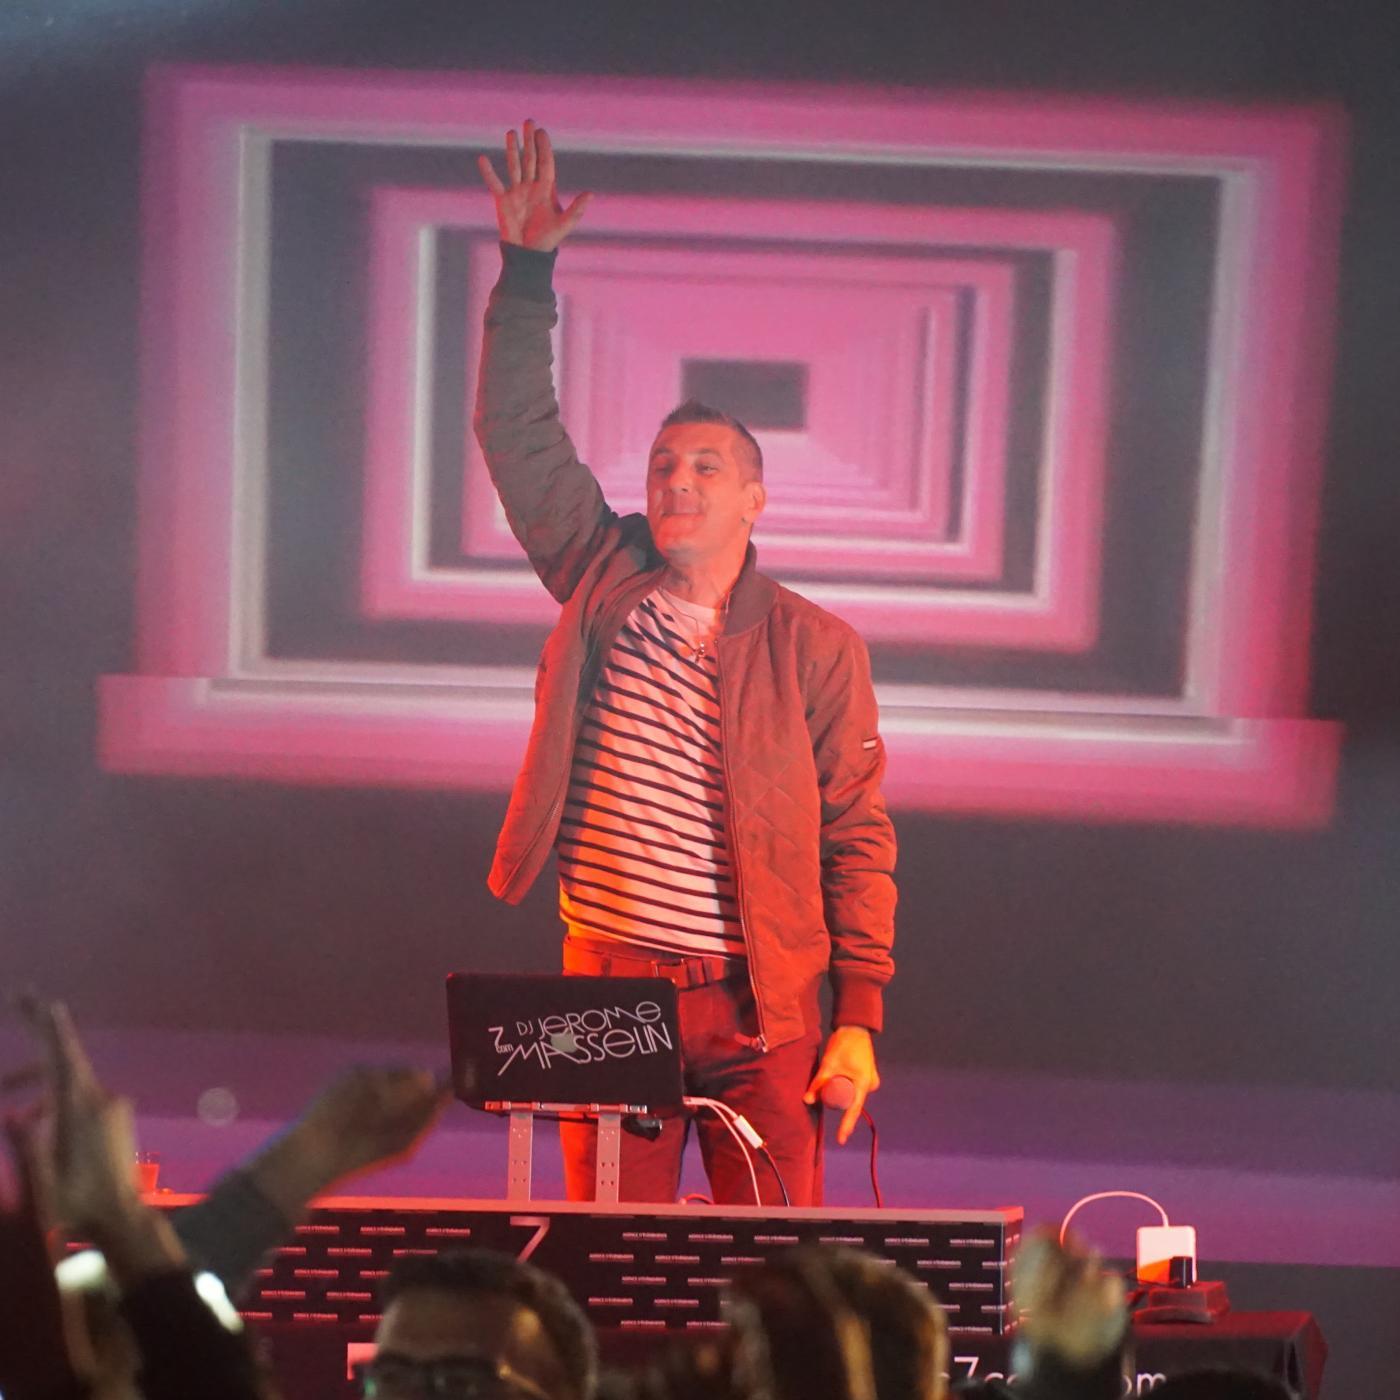 Jerome Masselin DJ & Agence 7Com